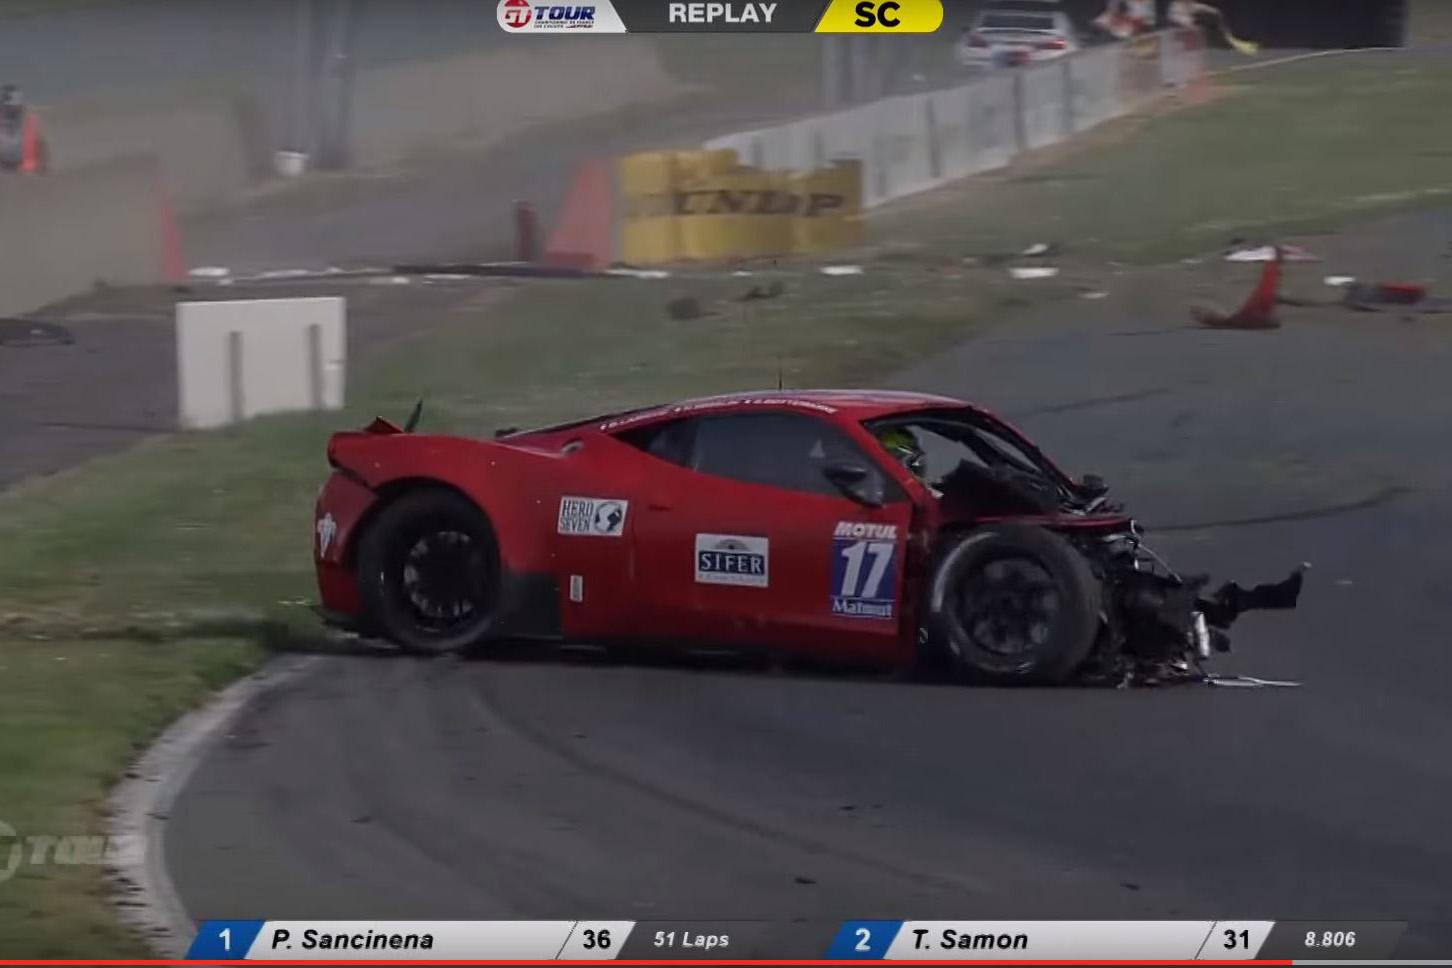 Ferrari Car Crash Pictures